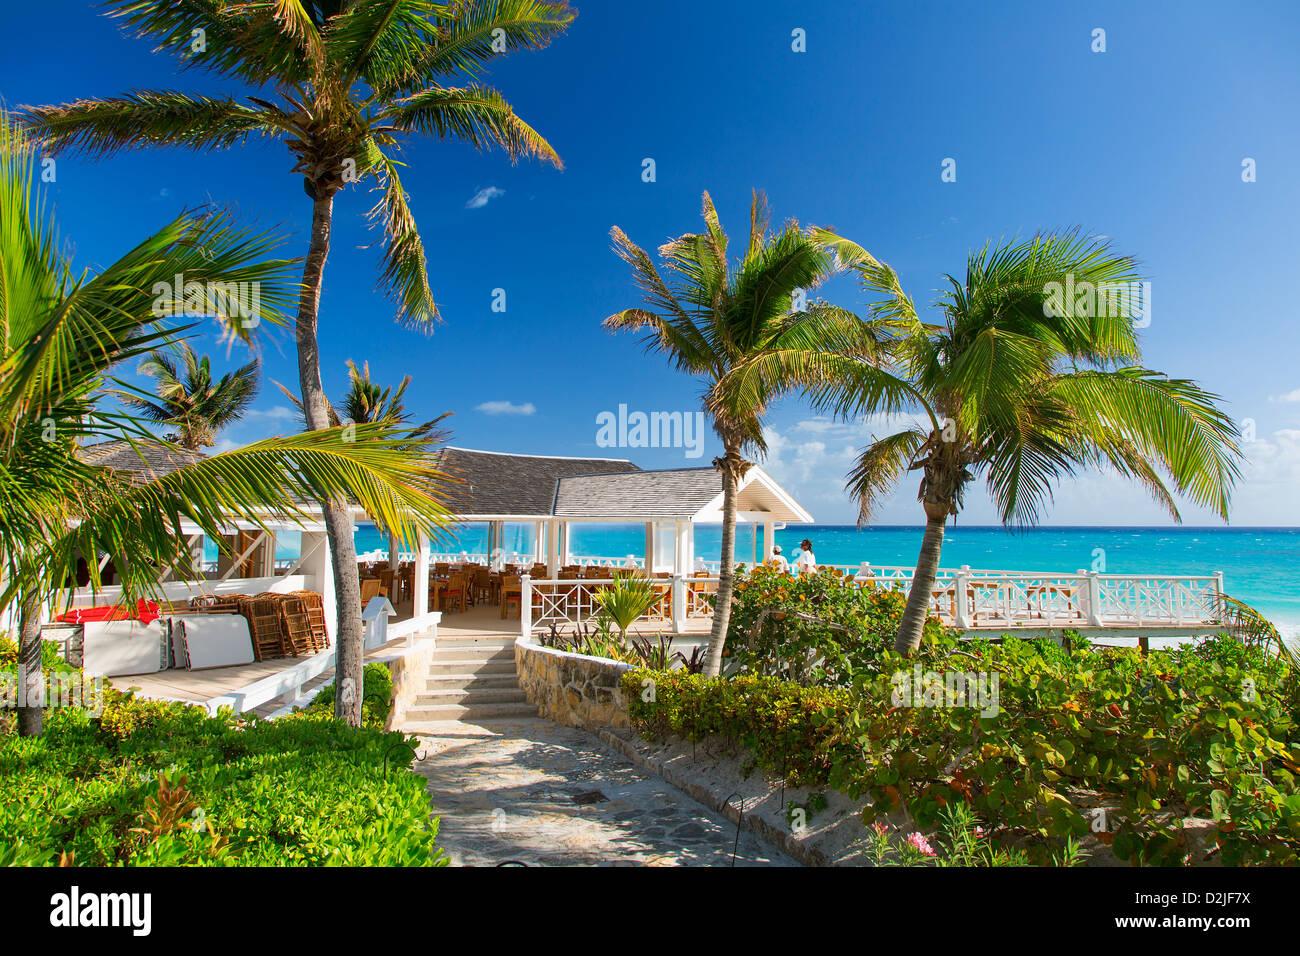 Caribbean Bahamas Harbor Island - Stock Image